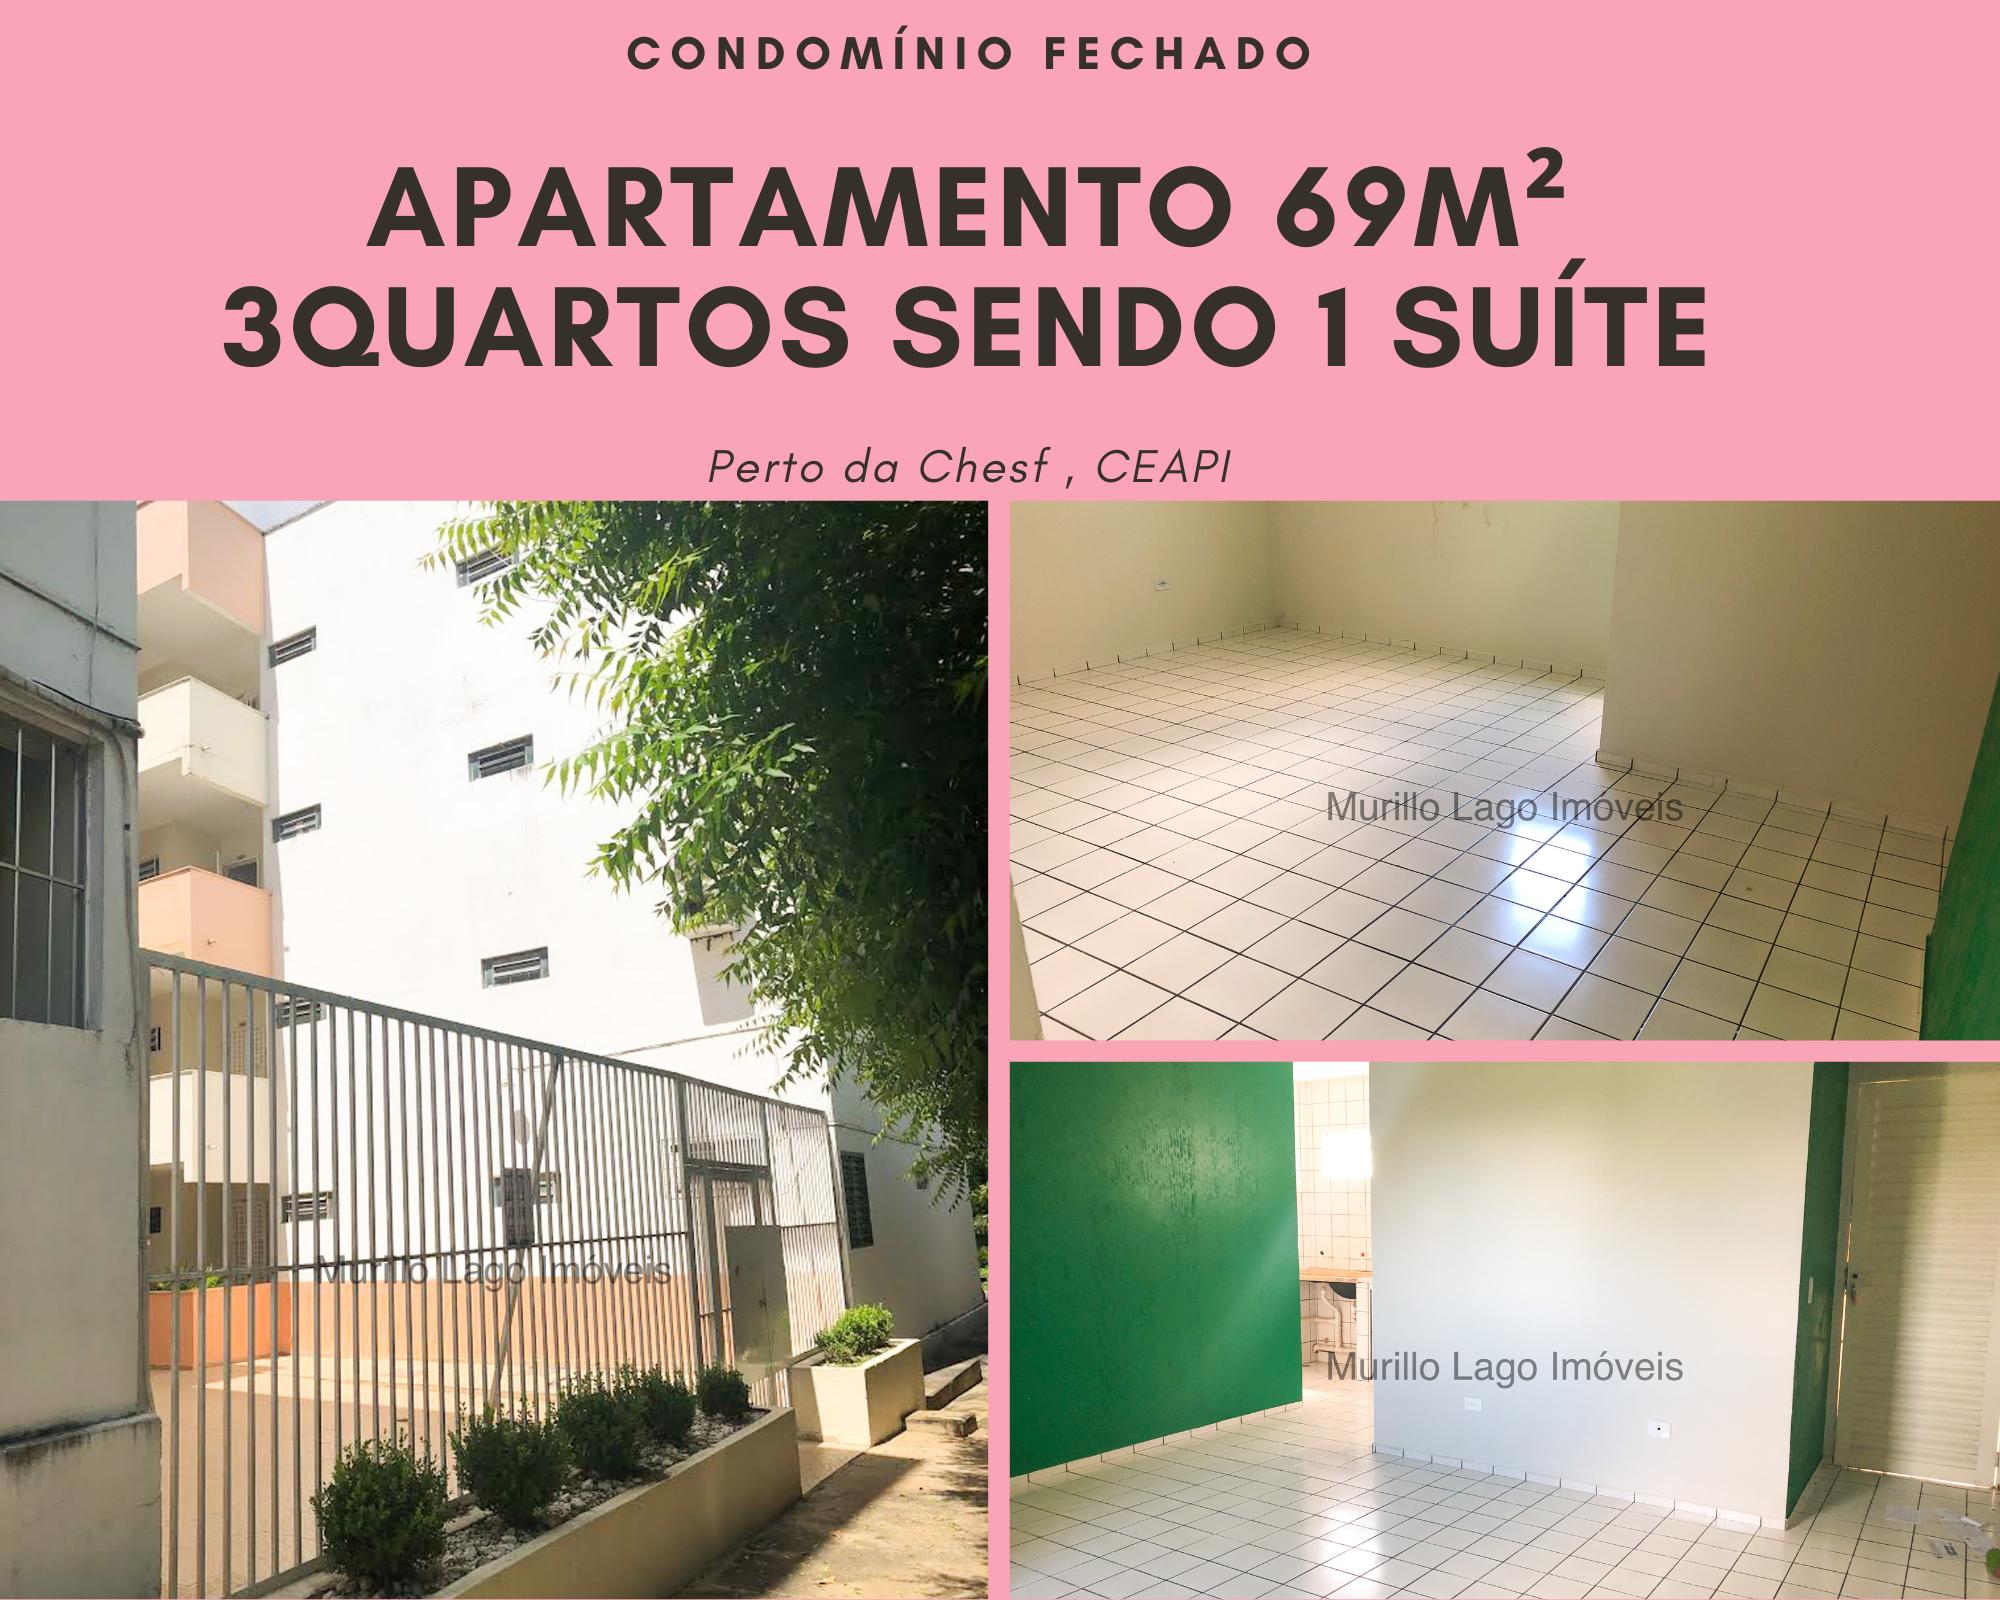 Apartamento para venda Verde te quero verde,3 quartos sendo 1 suíte próximo CHESF, CEAPI, condomínio fechado